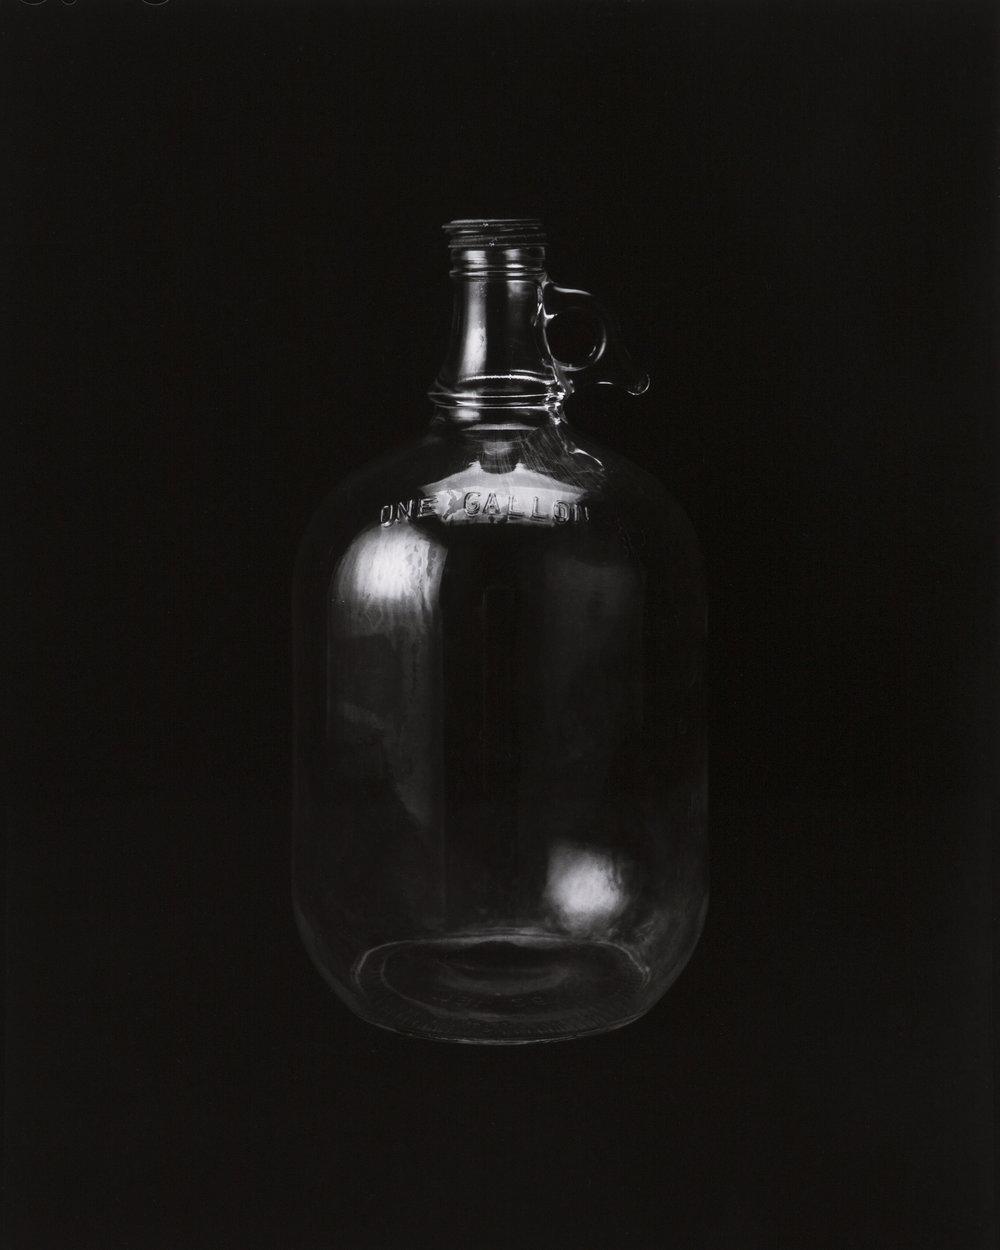 CJL_Bottle.jpg